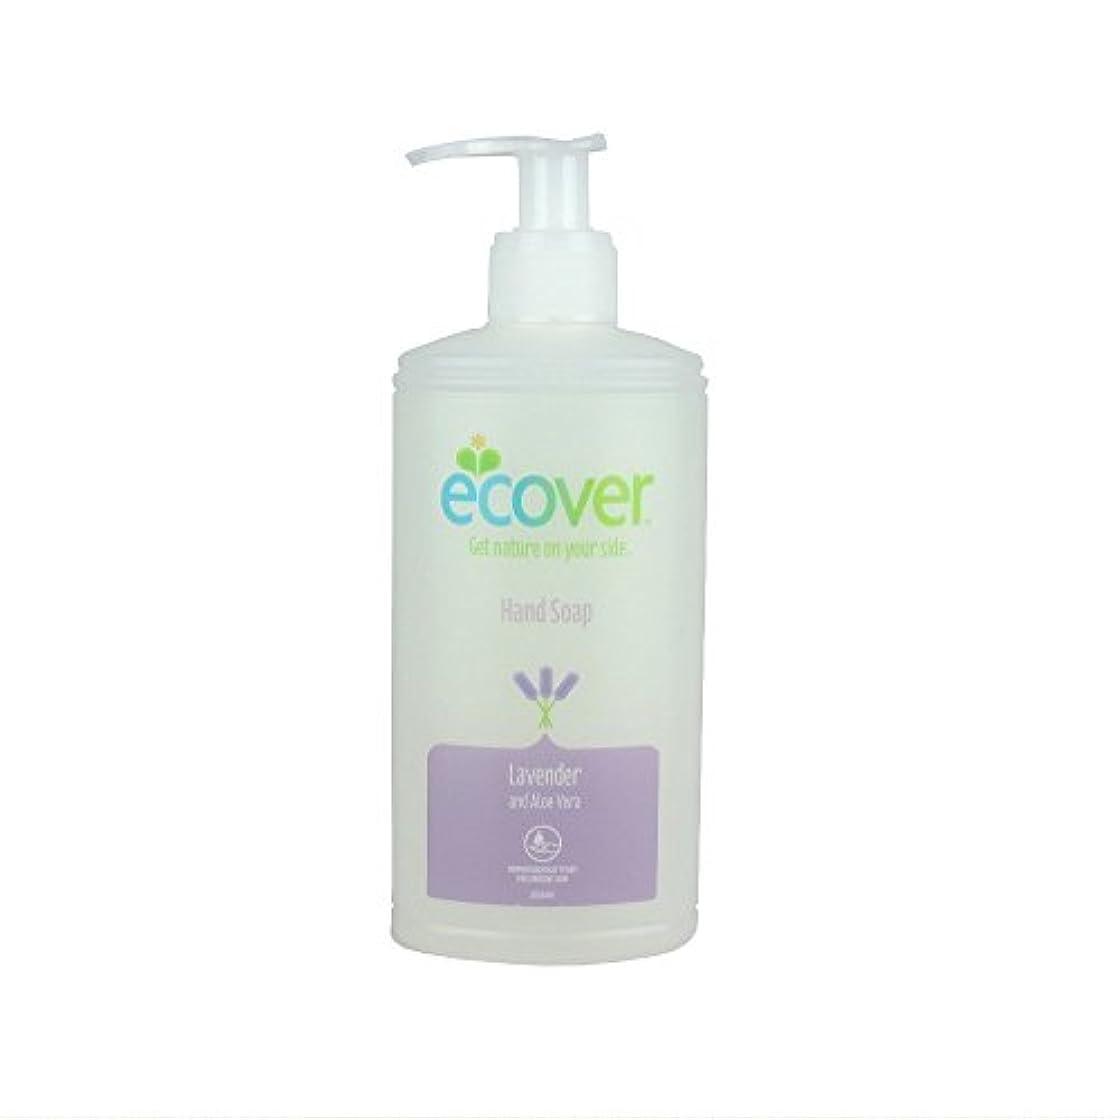 別々にパラダイスかるEcover Liquid Hand Soap Lavender & Aloe Vera (250ml) 液体ハンドソープラベンダーとアロエベラ( 250ミリリットル)をエコベール